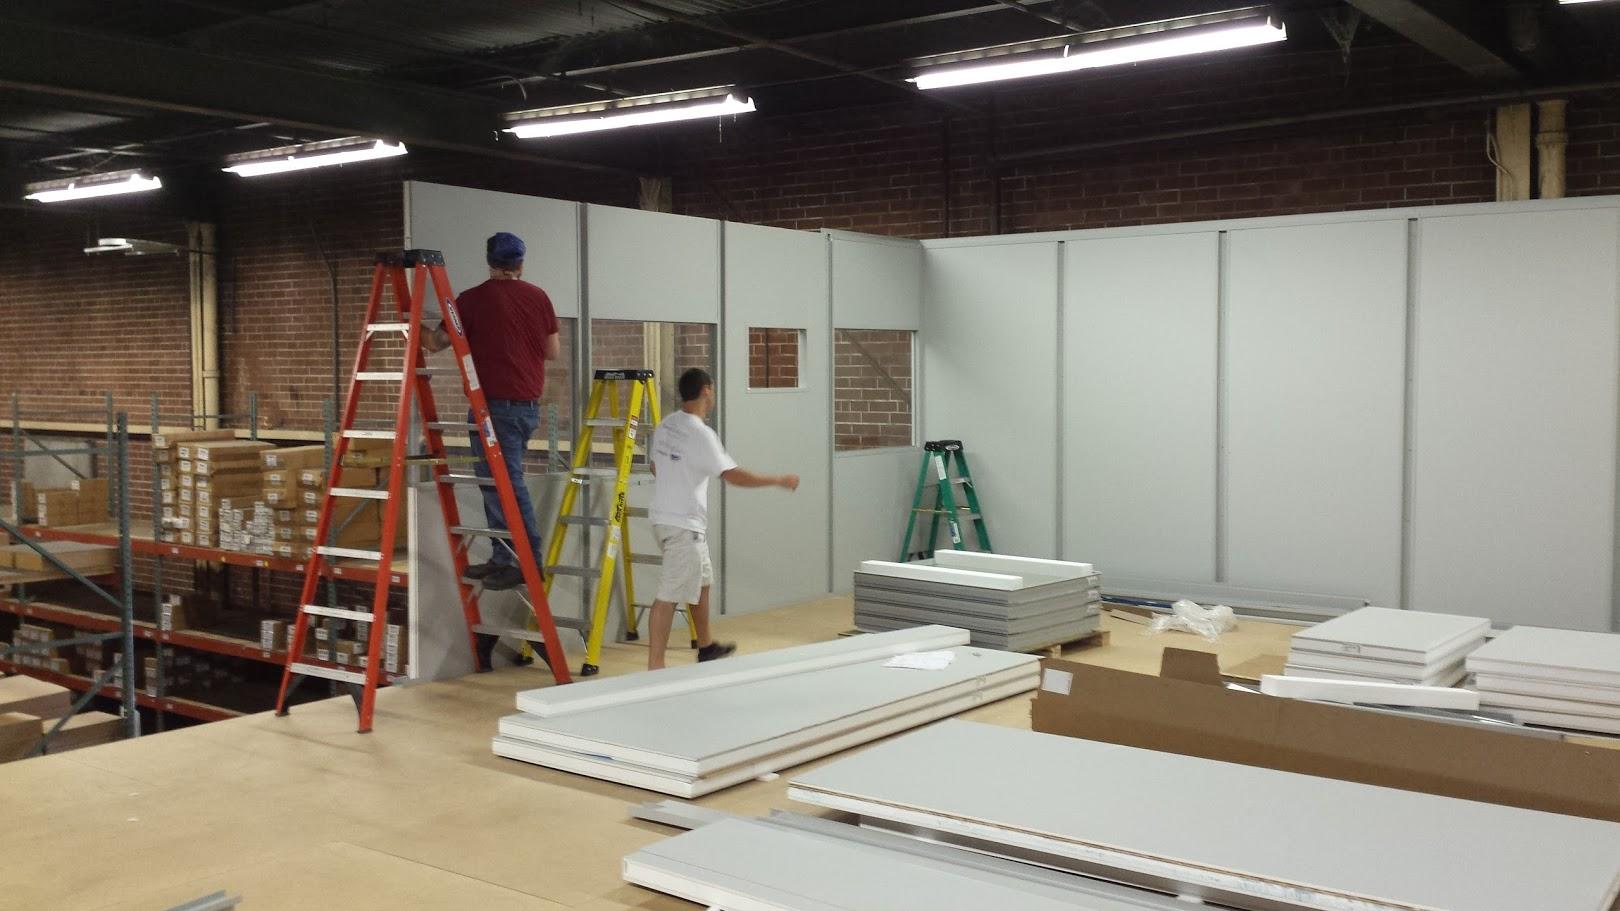 warehouse mezzanine modular office. Modular Office On Mezzanine Warehouse